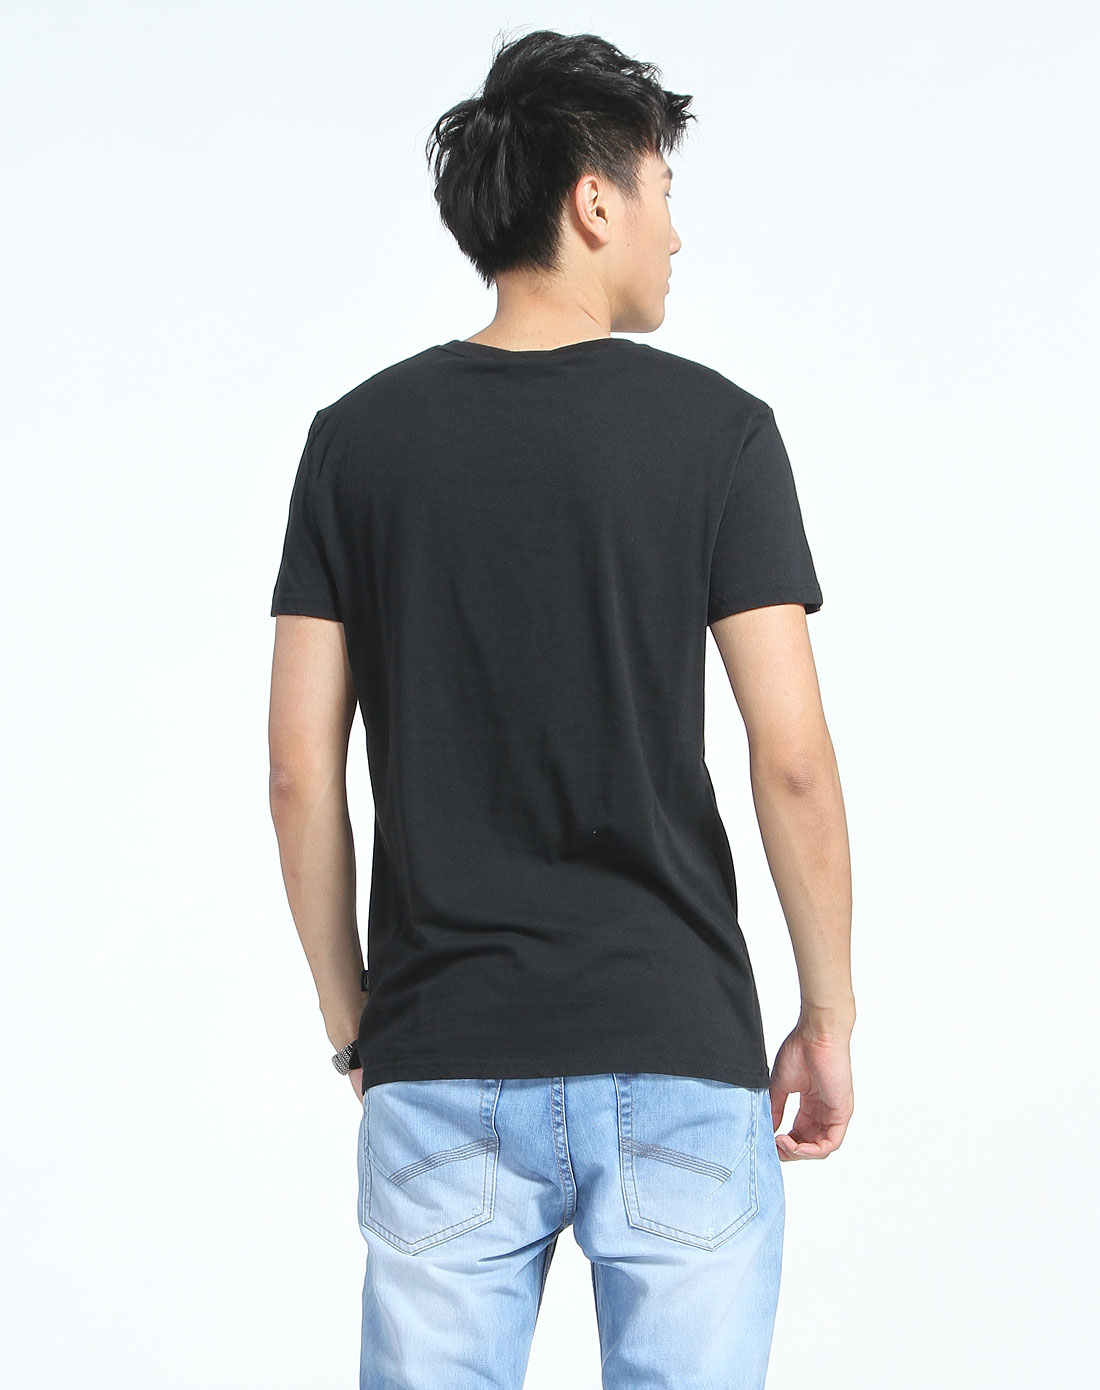 可爱印花圆领短袖黑色t恤